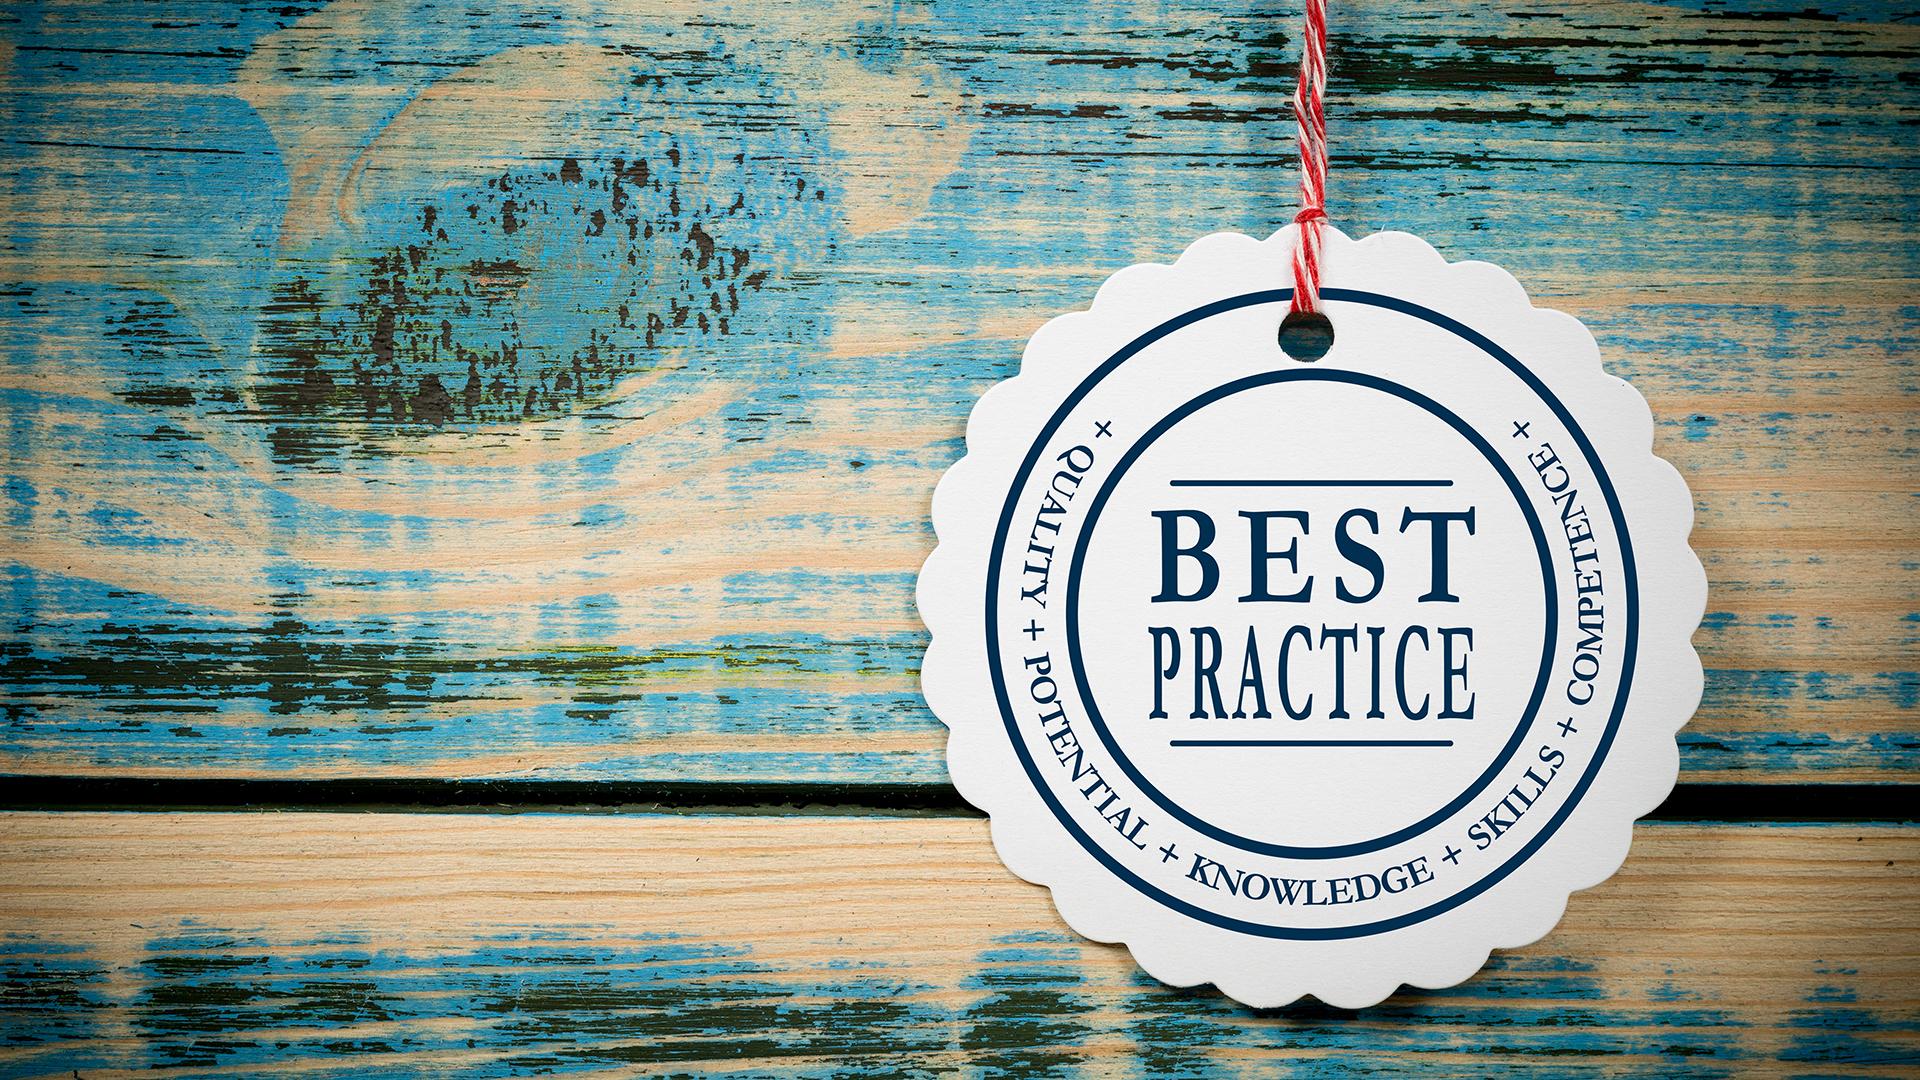 PARMENAS Akademie - Bewusstseins BILDUNG - Best Practice für Nachhaltigkeitsmanagement